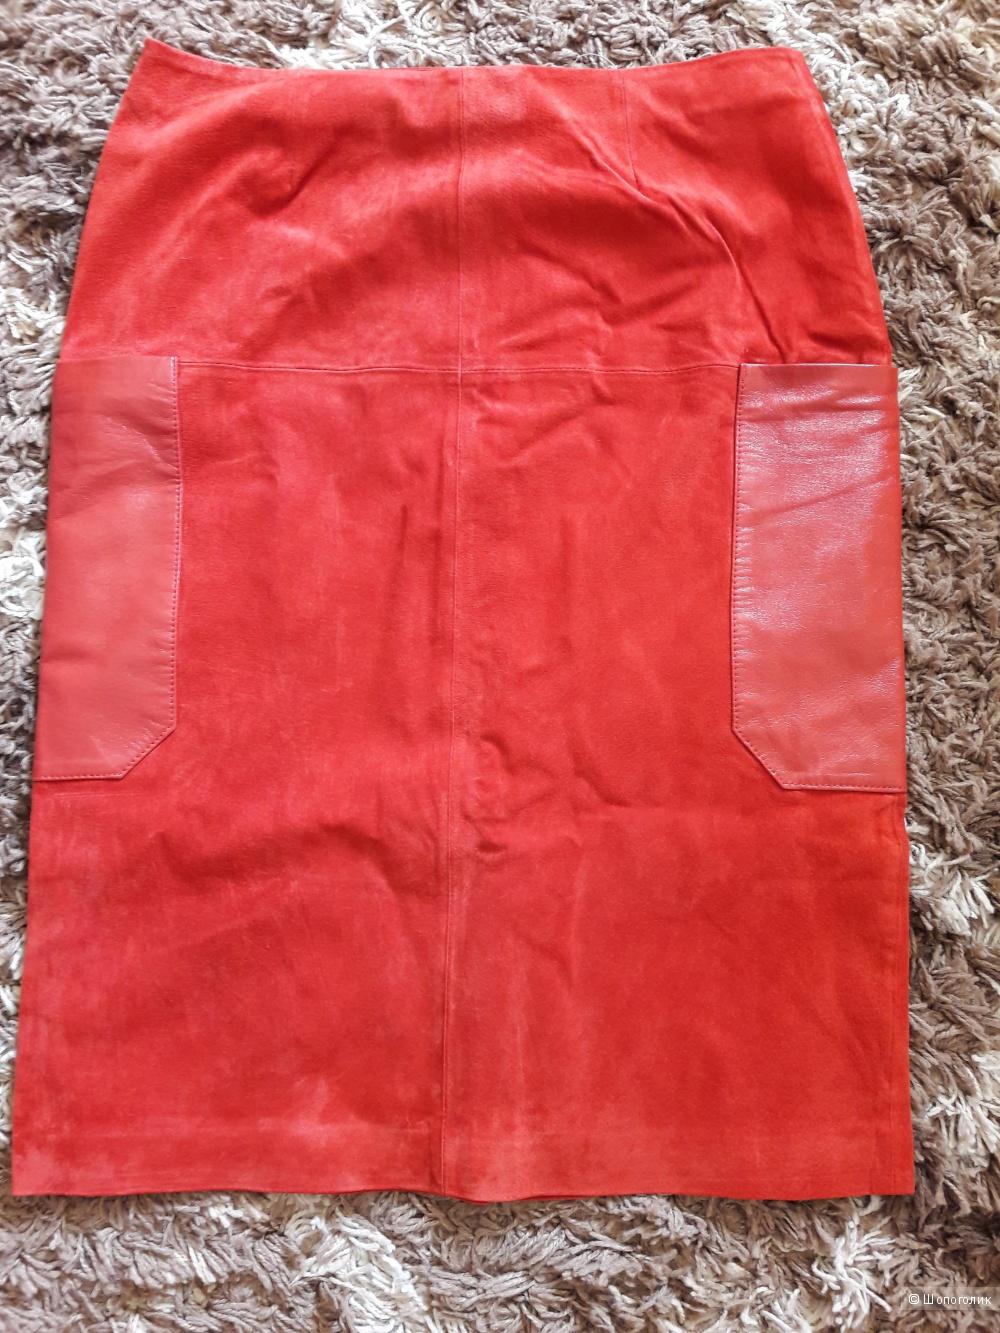 Кожаная юбка Asos 46 размер